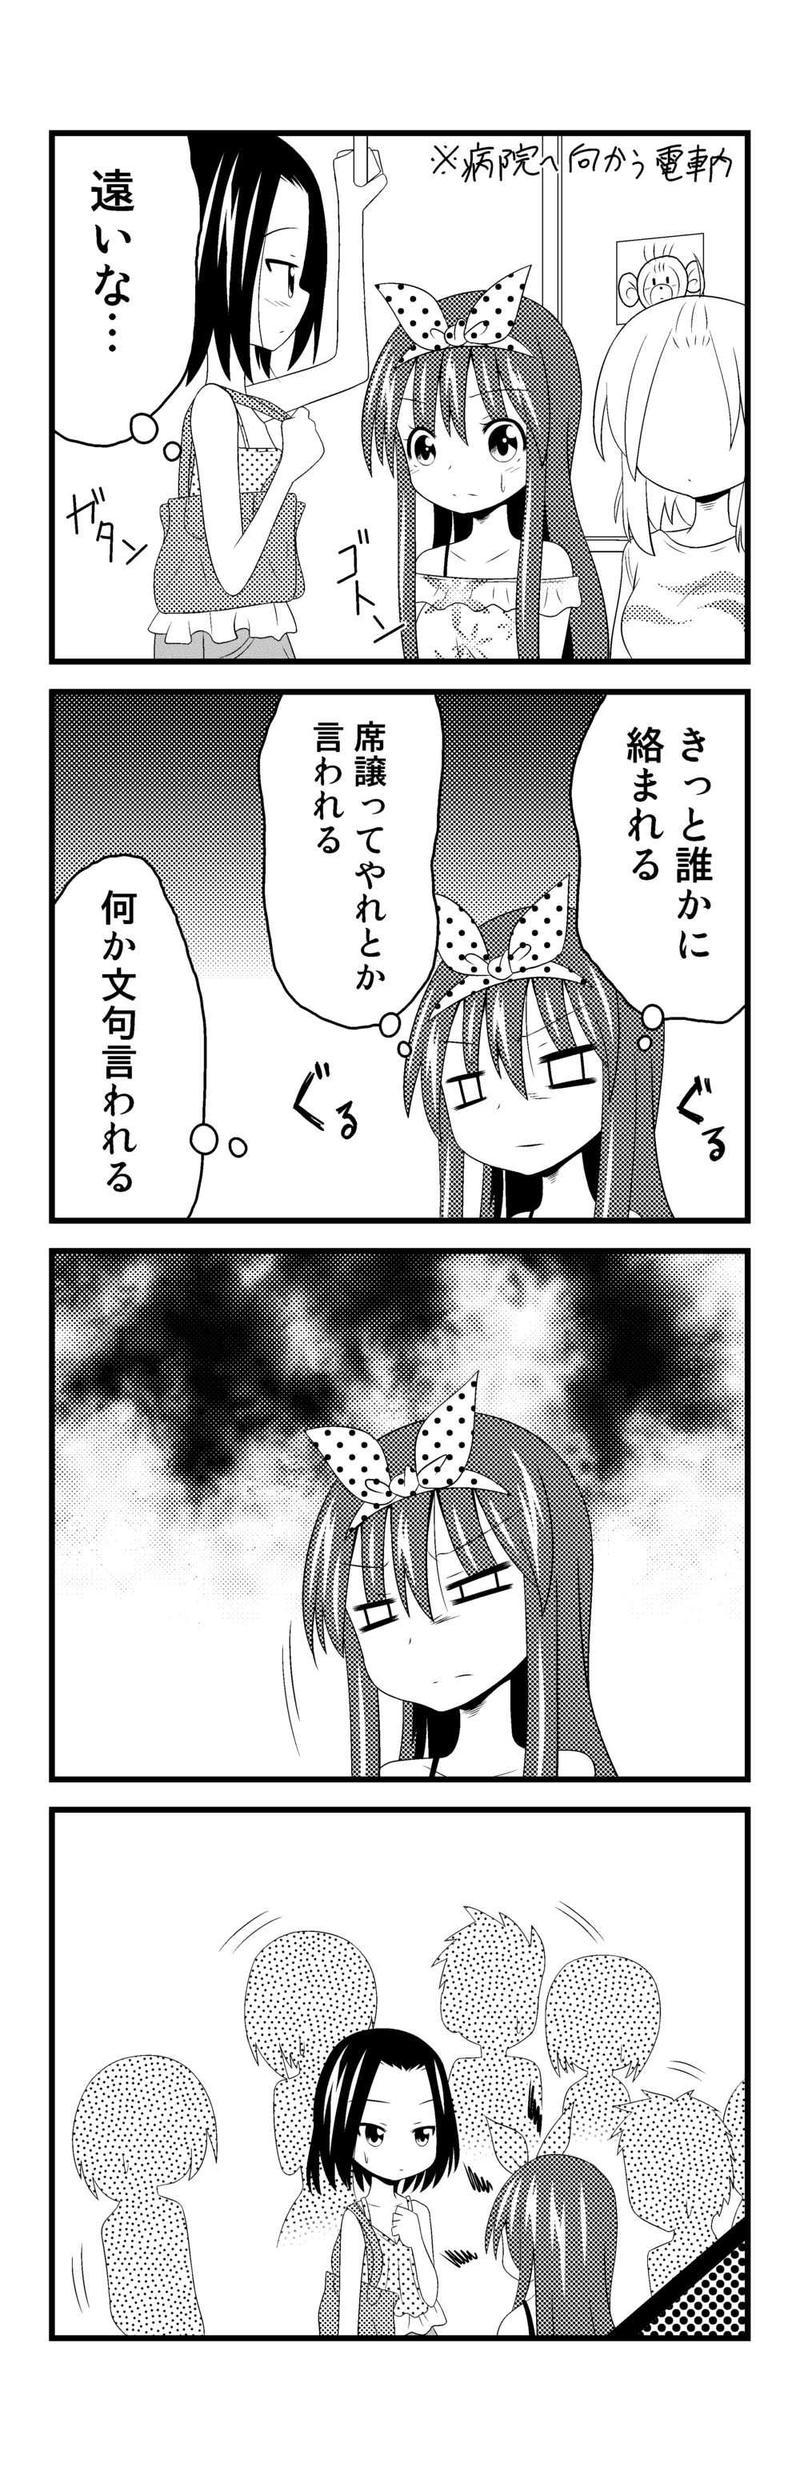 症状編18